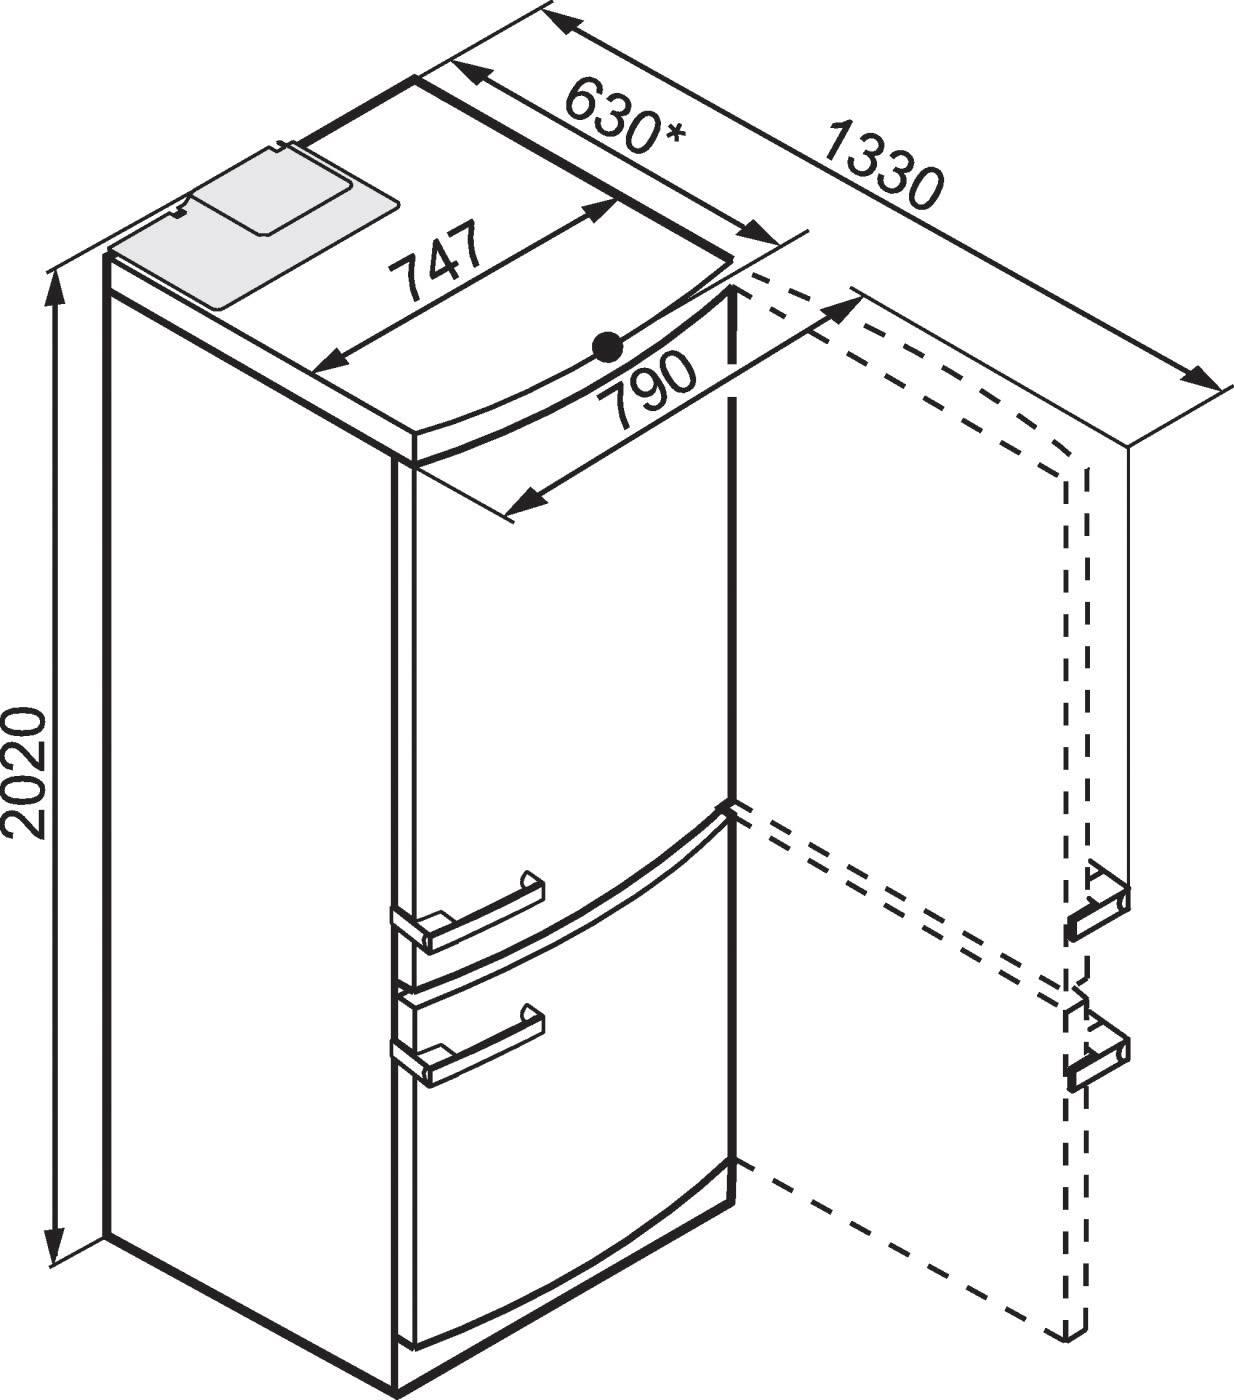 Кухонный гарнитур: размеры стандартные, высота, глубина, ширина мебели